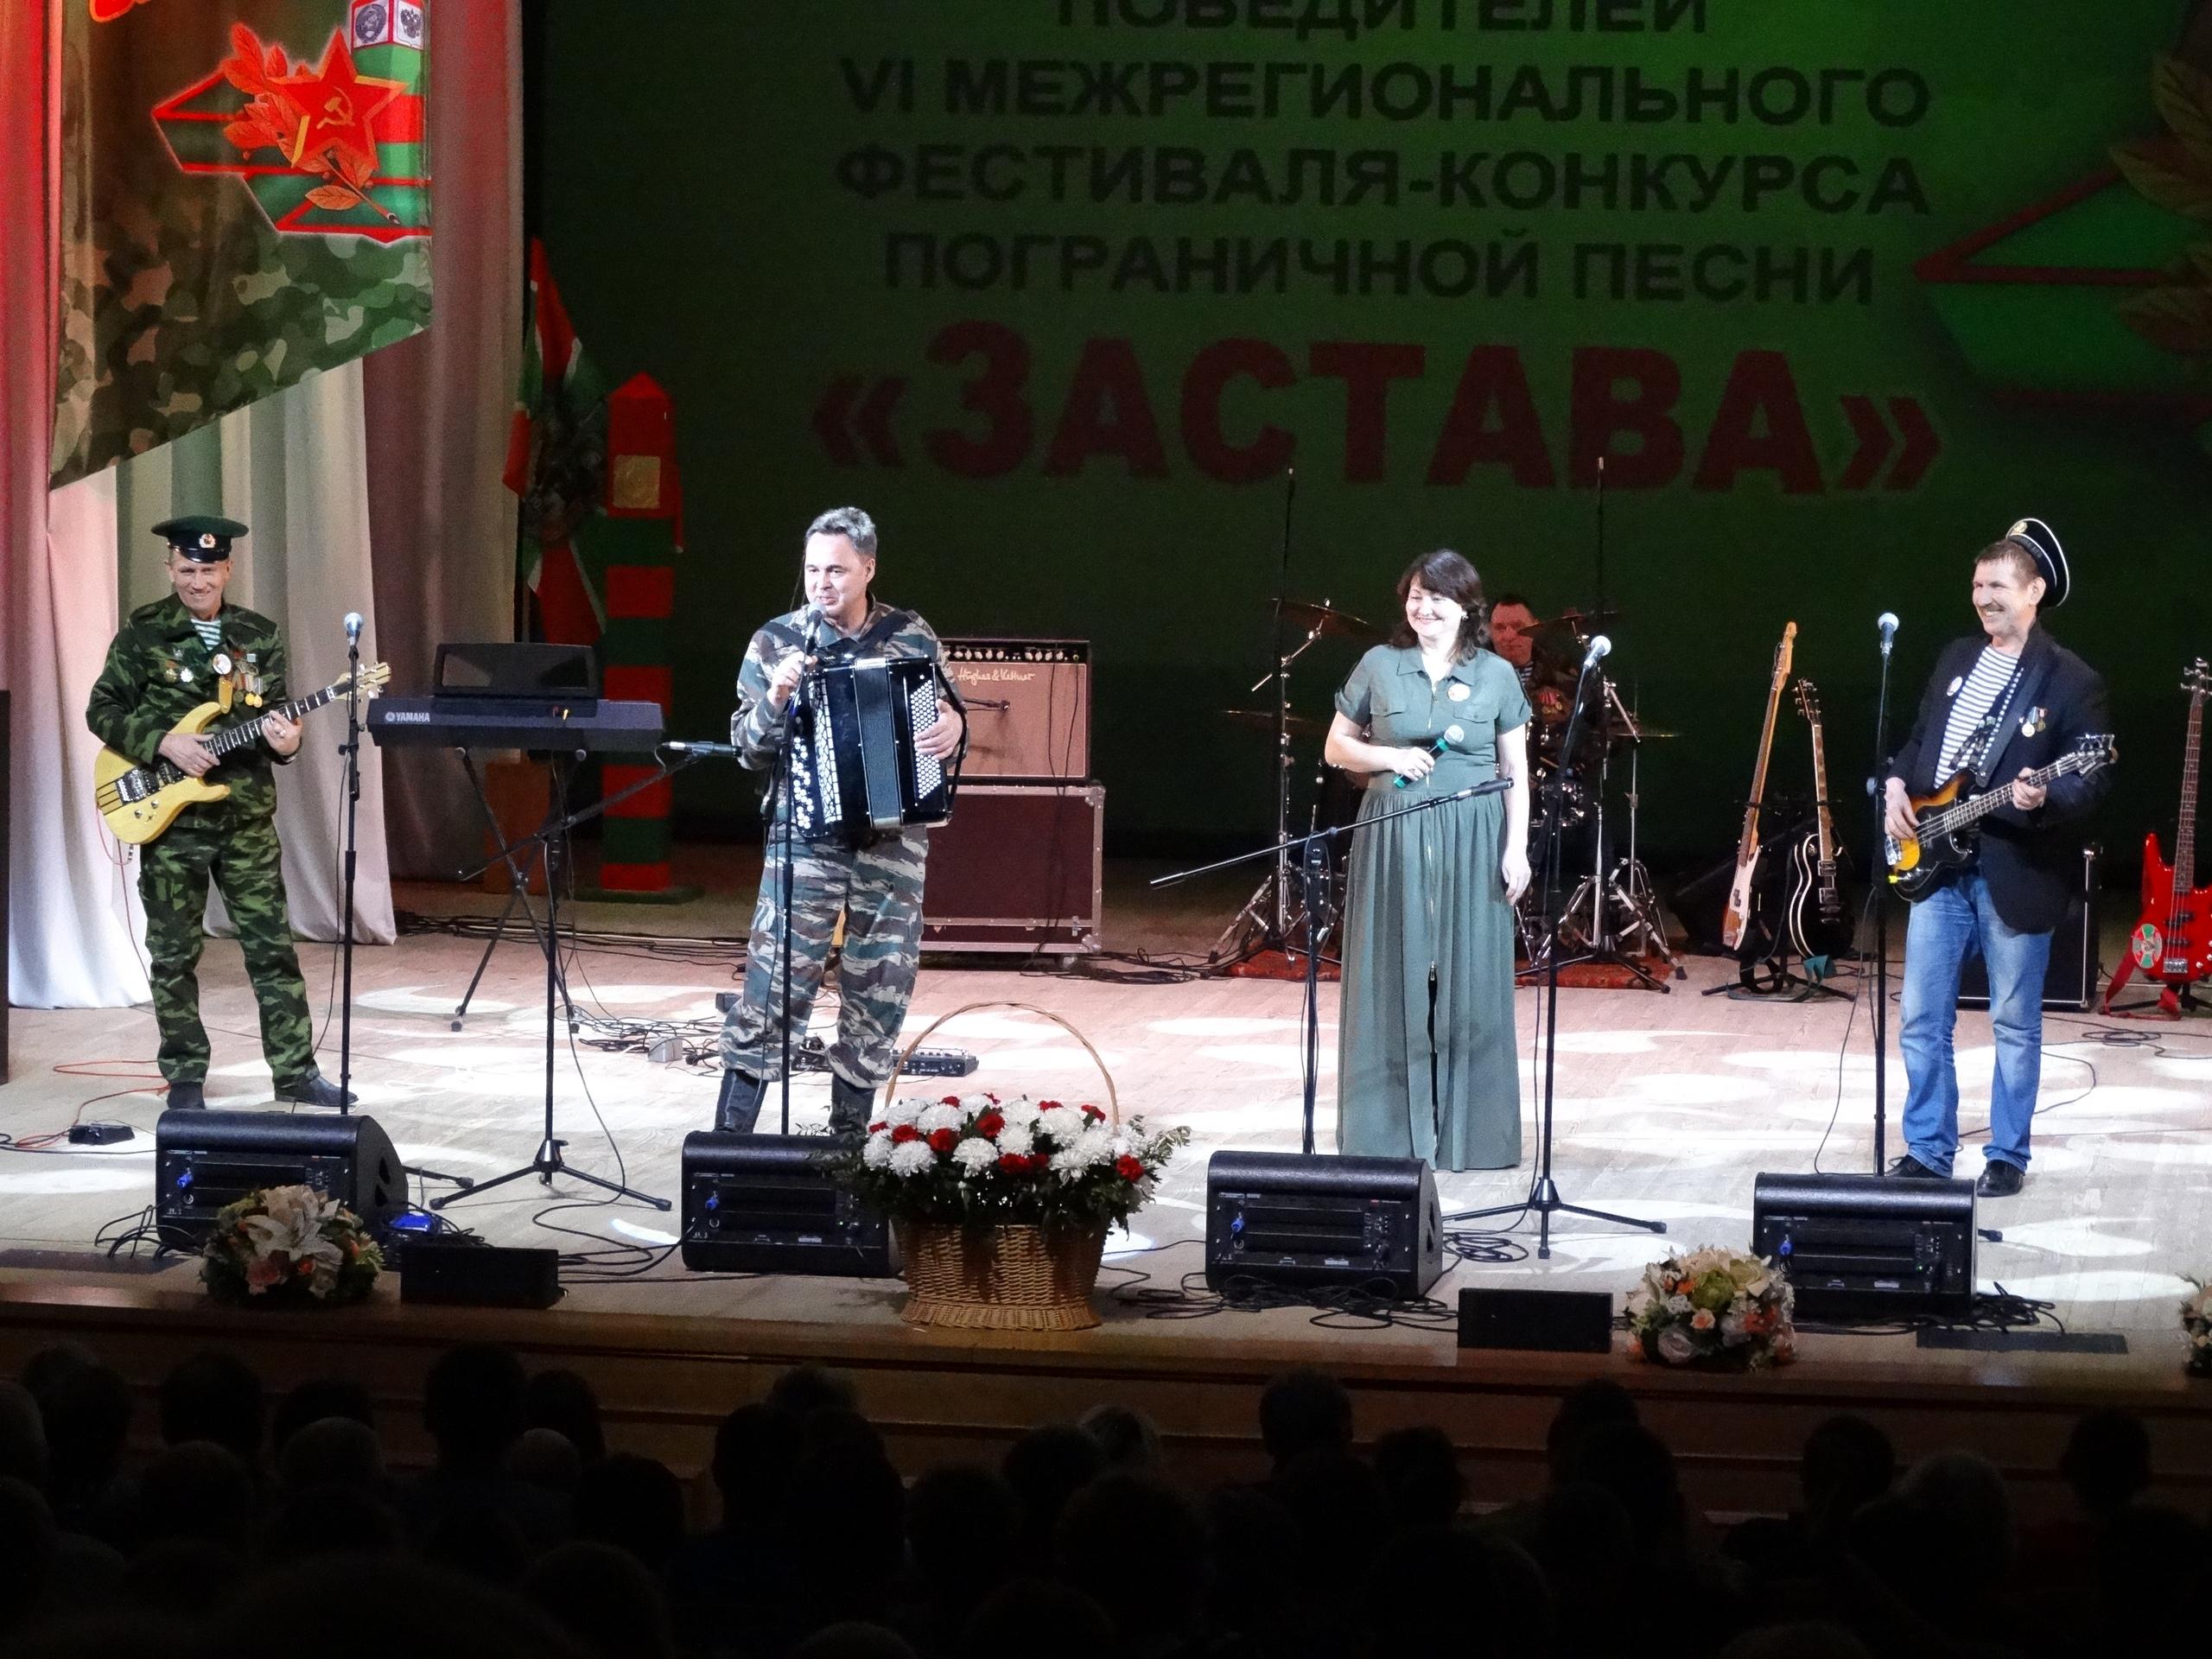 Гала- концерт победителей VI Межрегионального фестиваля конкурса пограничной песни «Застава».